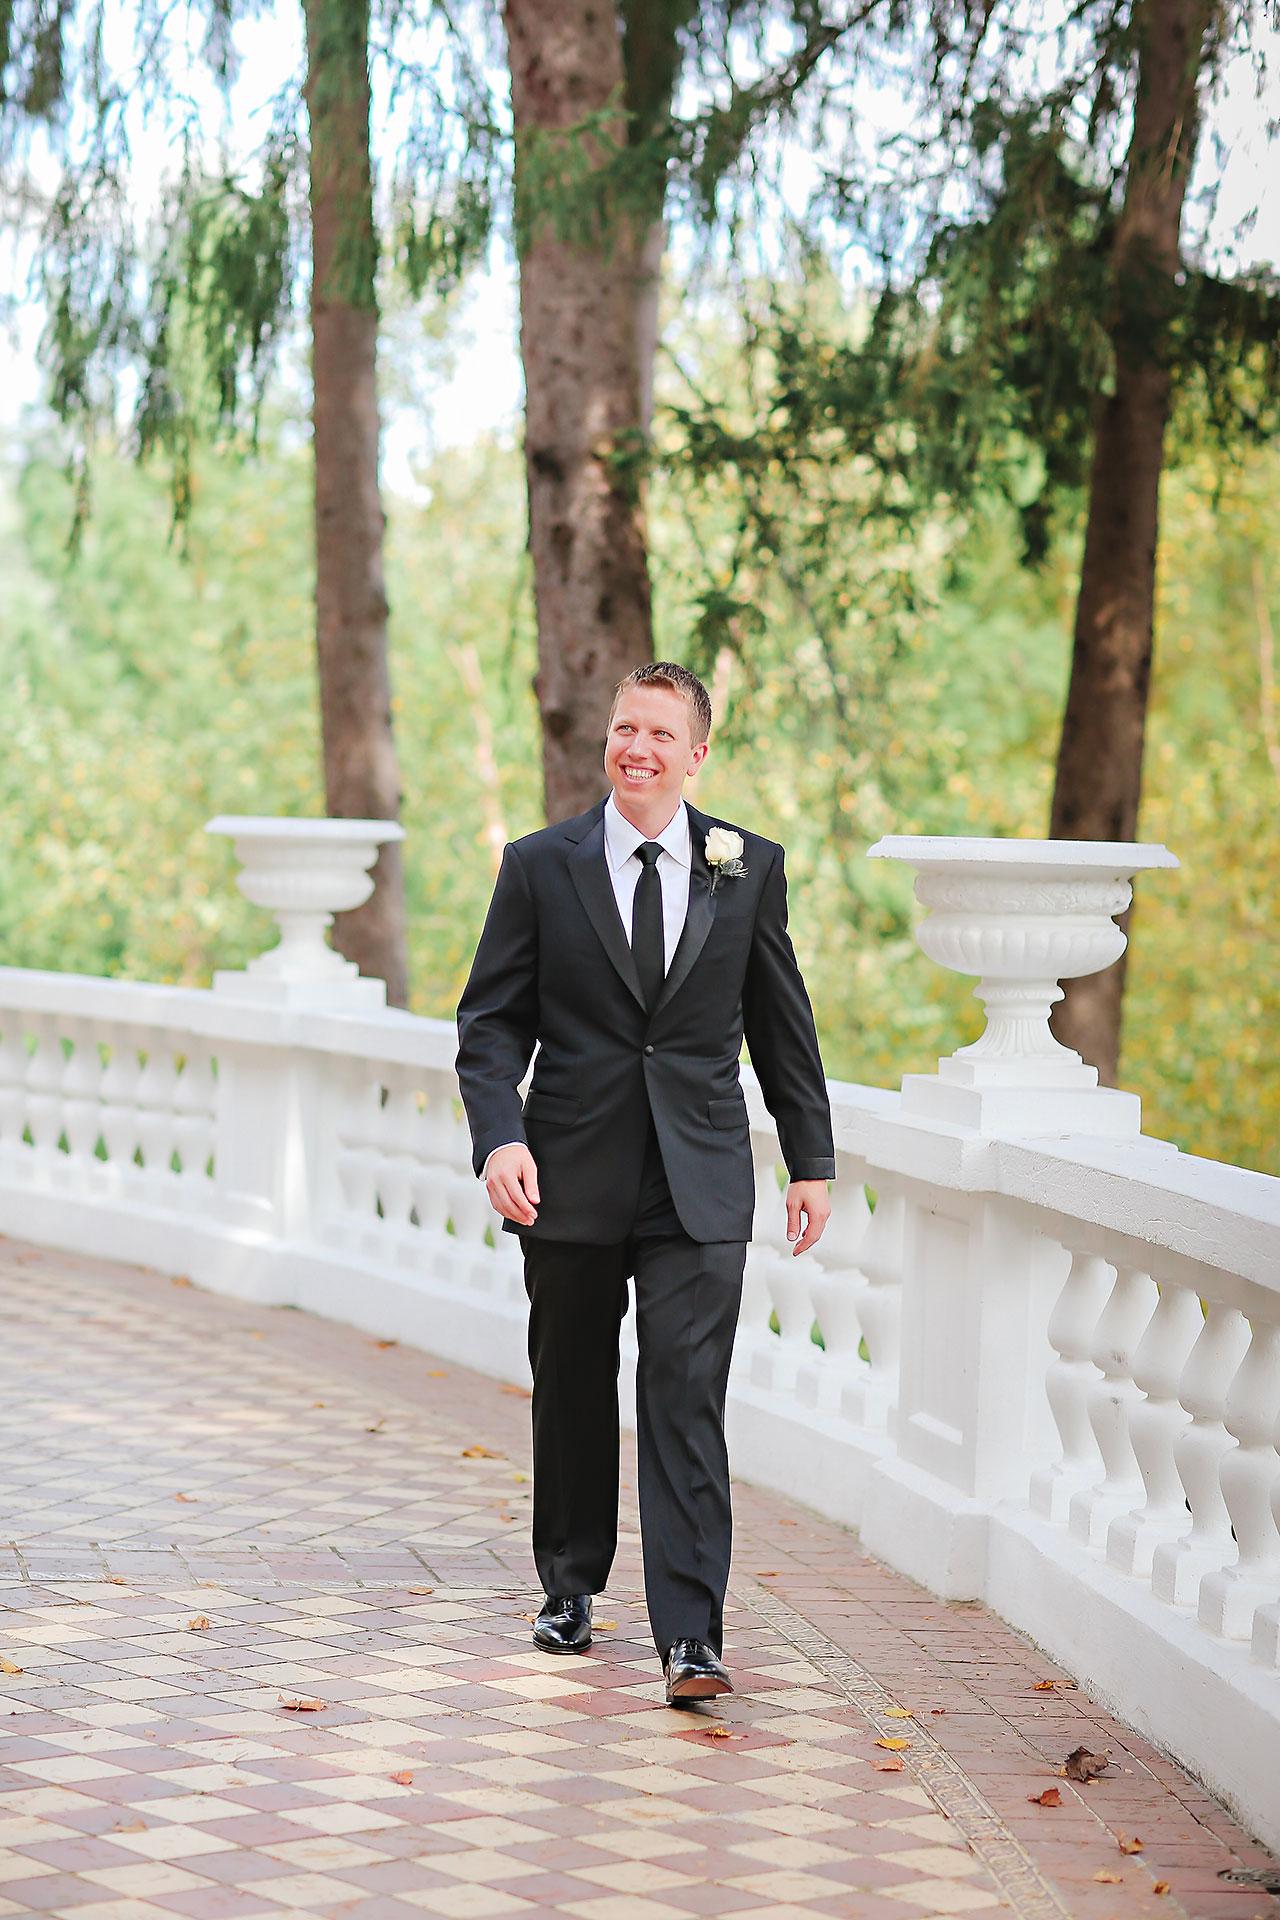 Chelsea Jeff West Baden Wedding 122